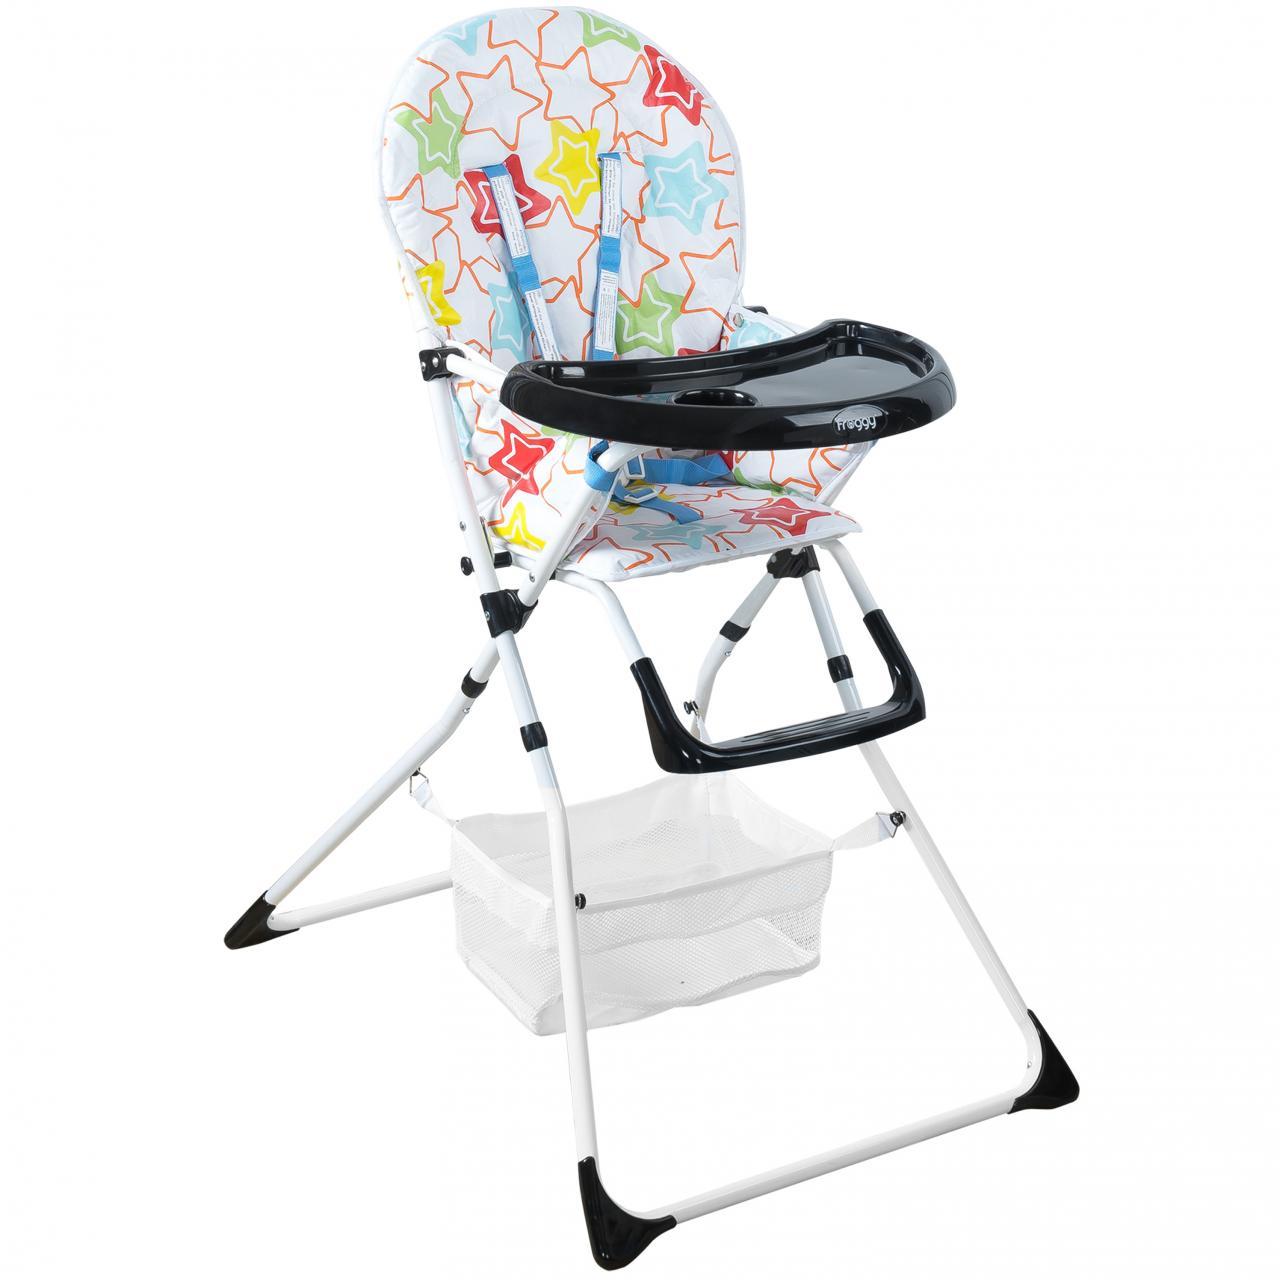 froggy baby kinder hochstuhl babystuhl kinderstuhl tisch. Black Bedroom Furniture Sets. Home Design Ideas